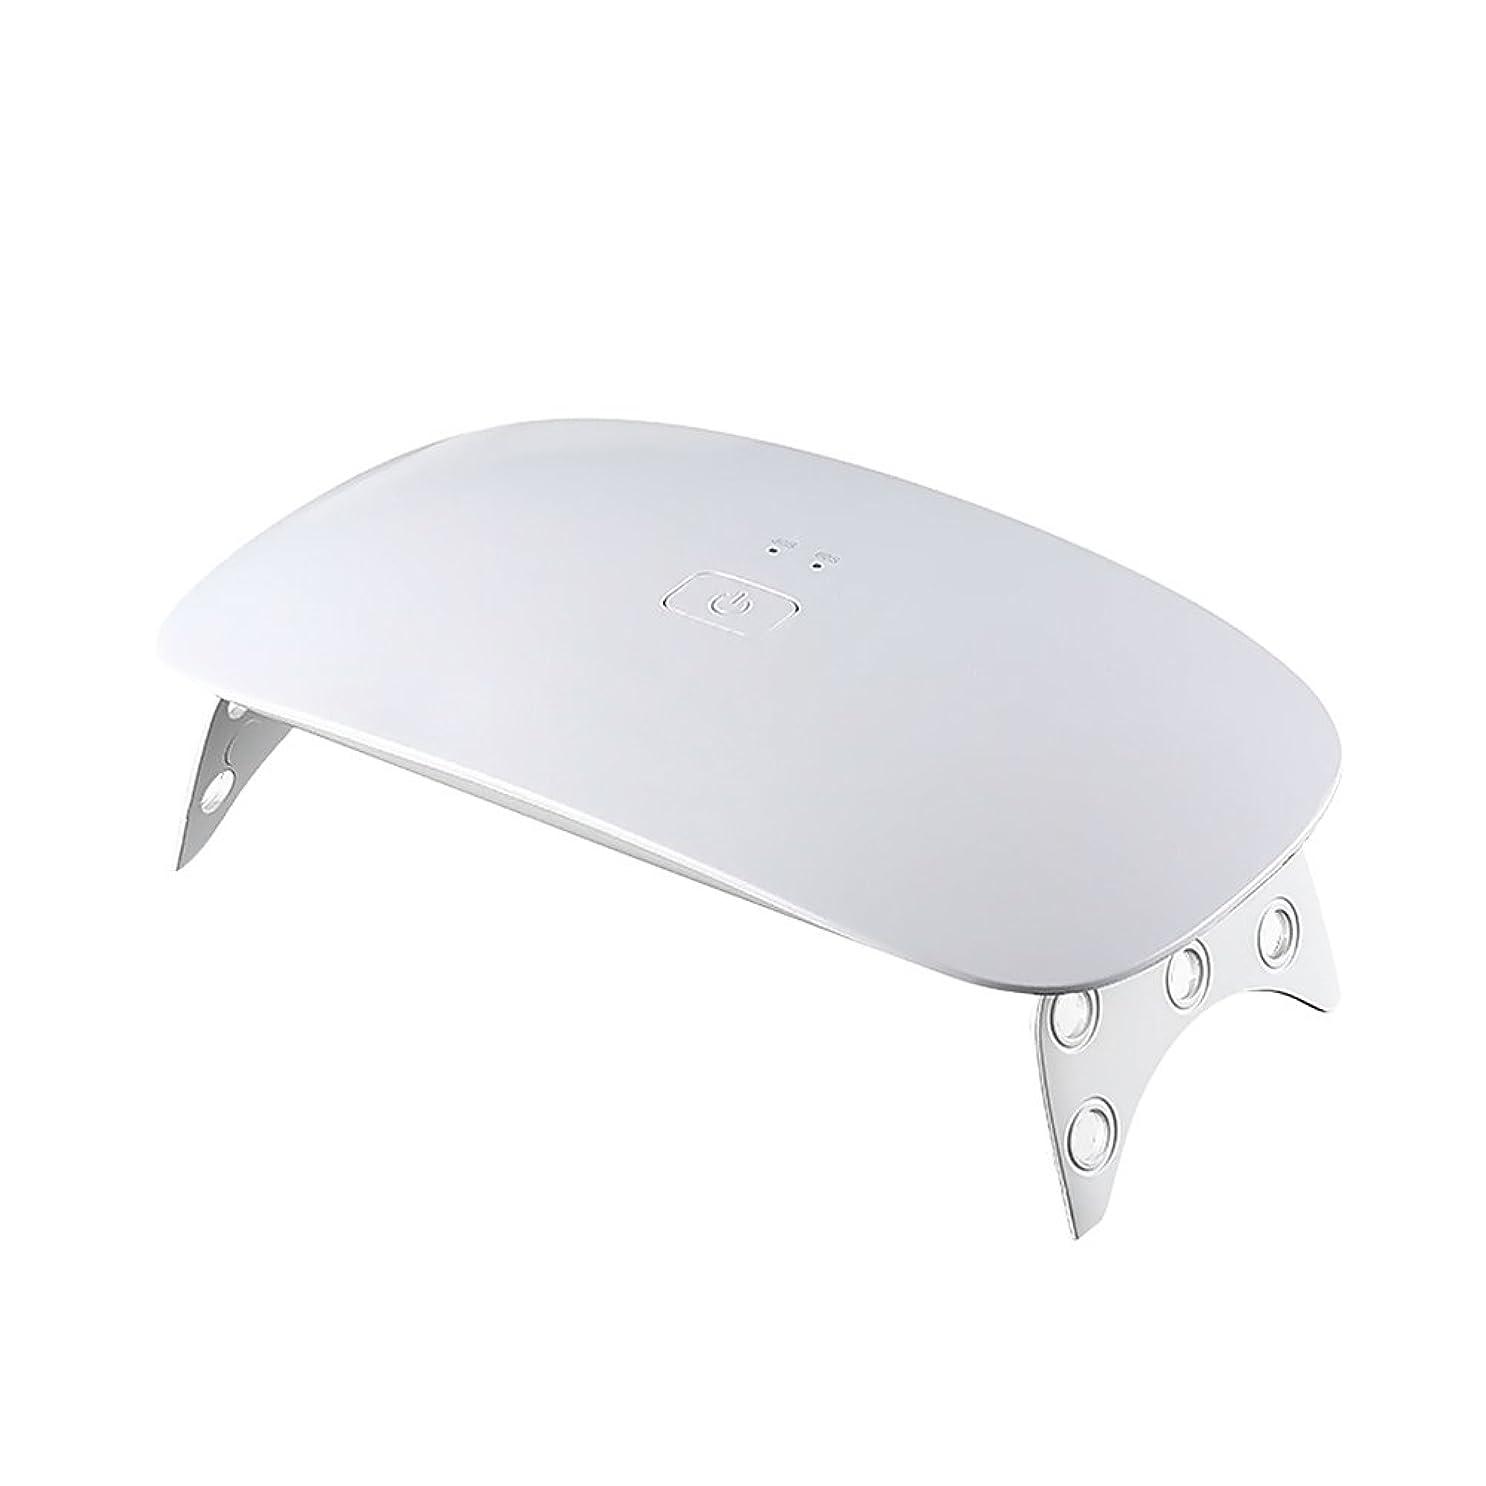 着替える肌入札Ourine ジェルネイルライト LEDネイルドライヤー UVライト ネイルライト 手足両用 速乾 タイマー設定可能 時間設定 180度照射 折りたたみ 携帯便利